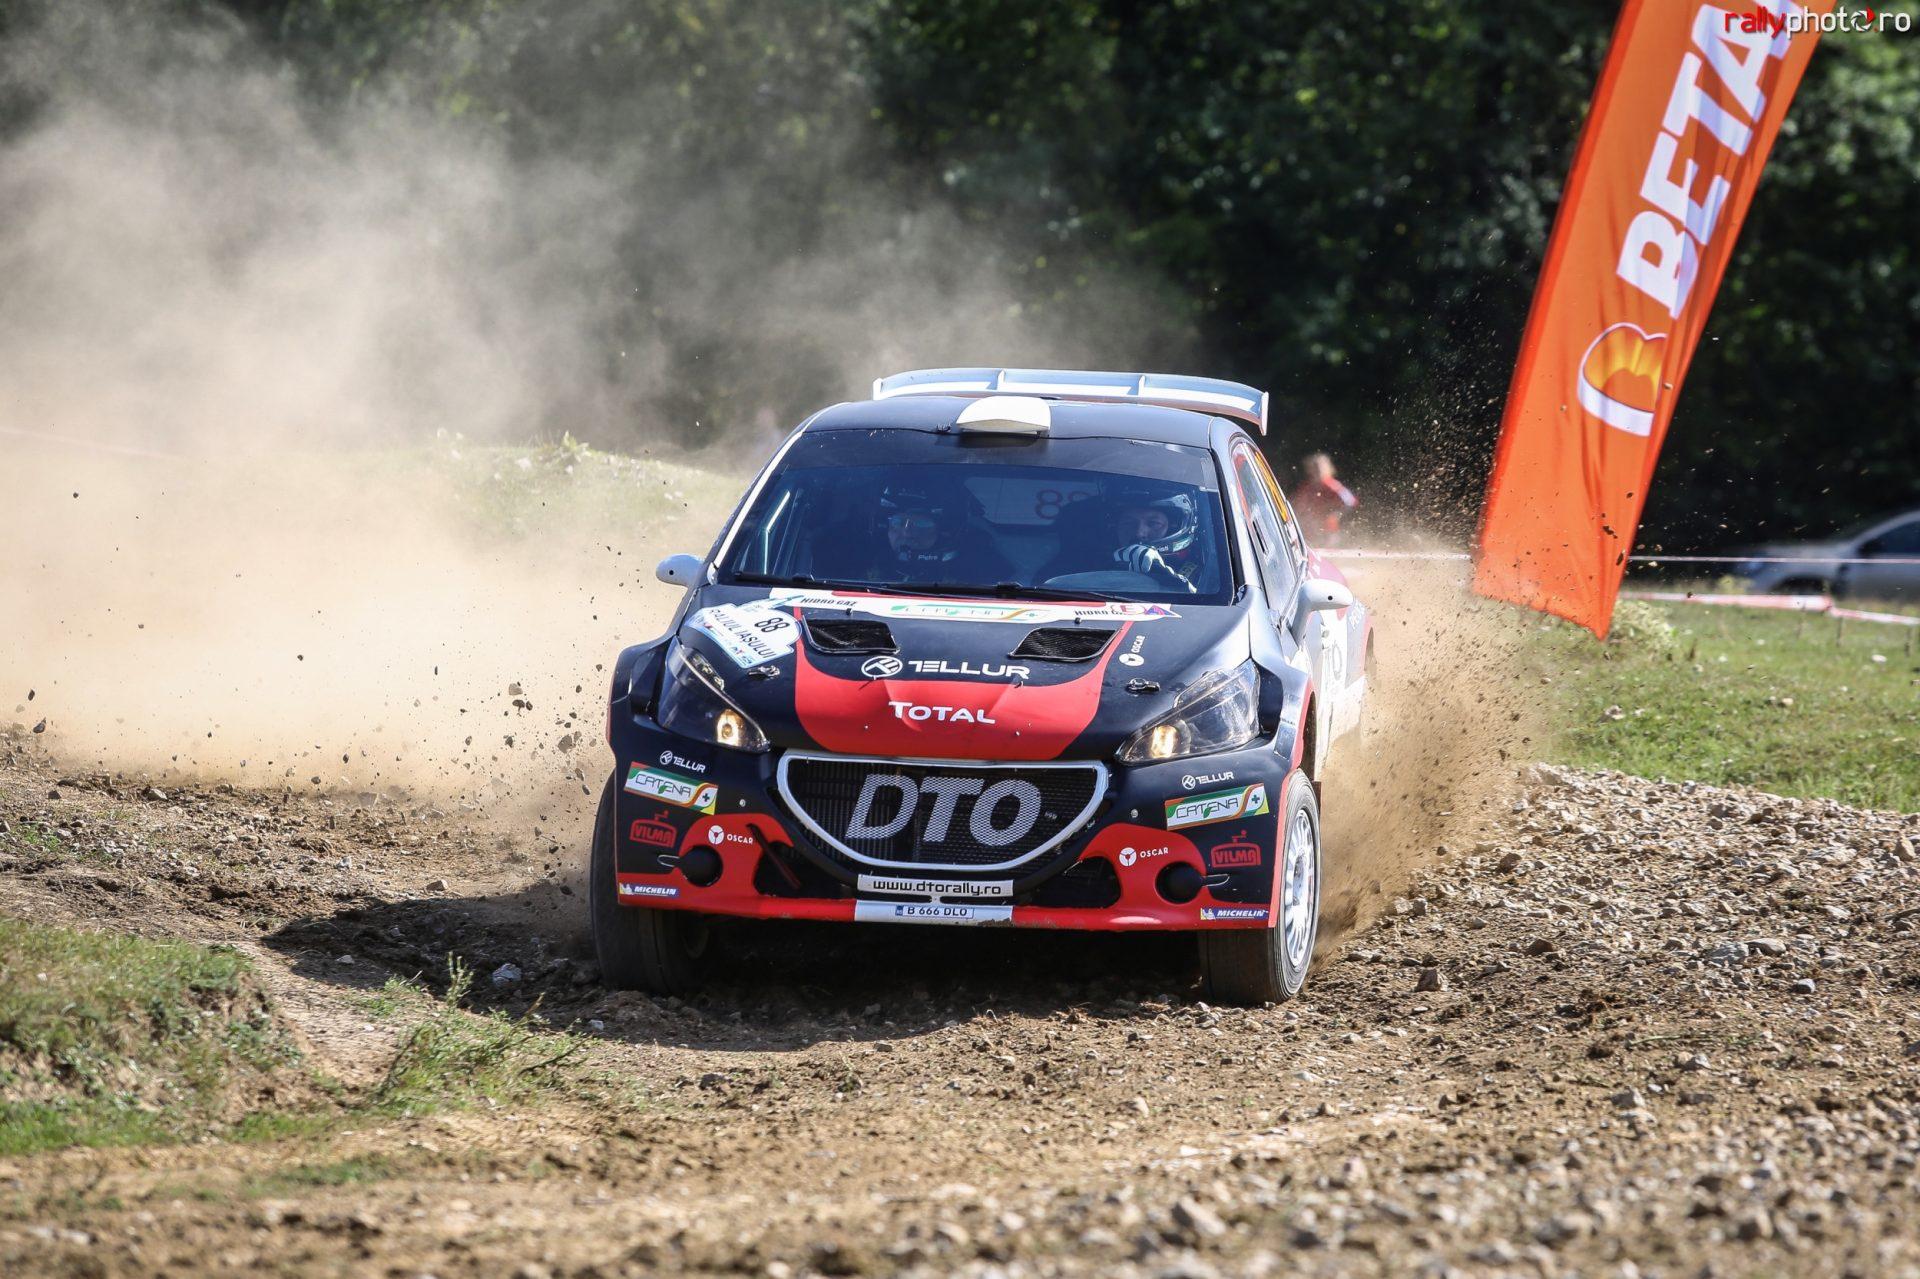 Lupta finală a sezonului se dă la Raliul Moldovei pentru DTO Rally Team